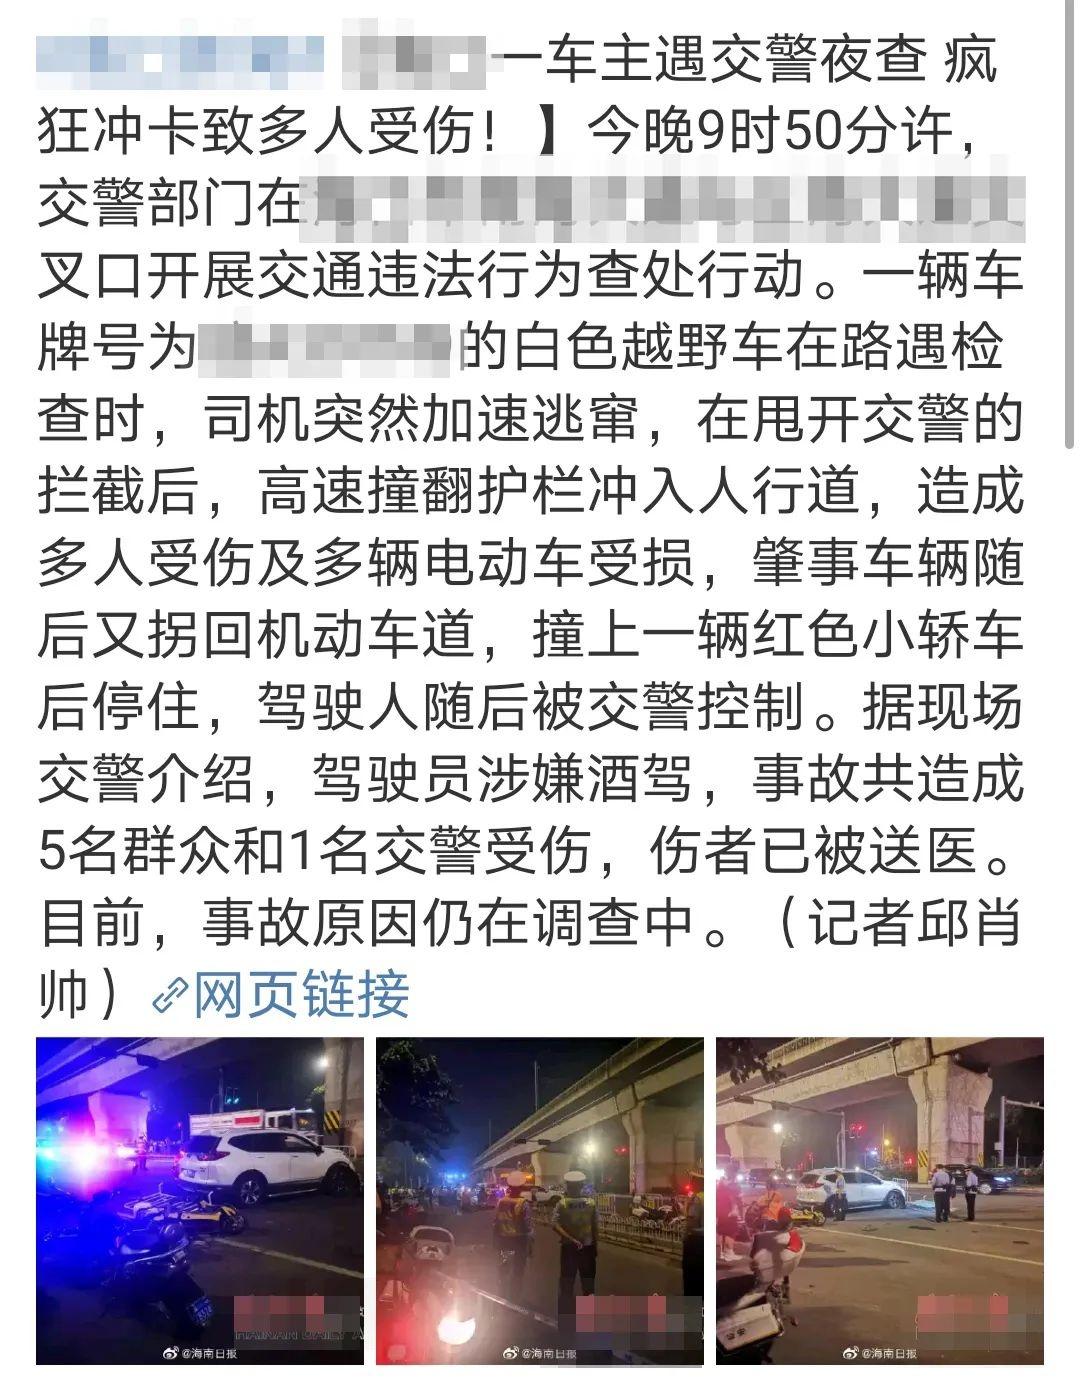 发布宣扬拒绝酒驾视频却称扬州发生酒驾闯卡撞人事故?两女子被行政拘留!